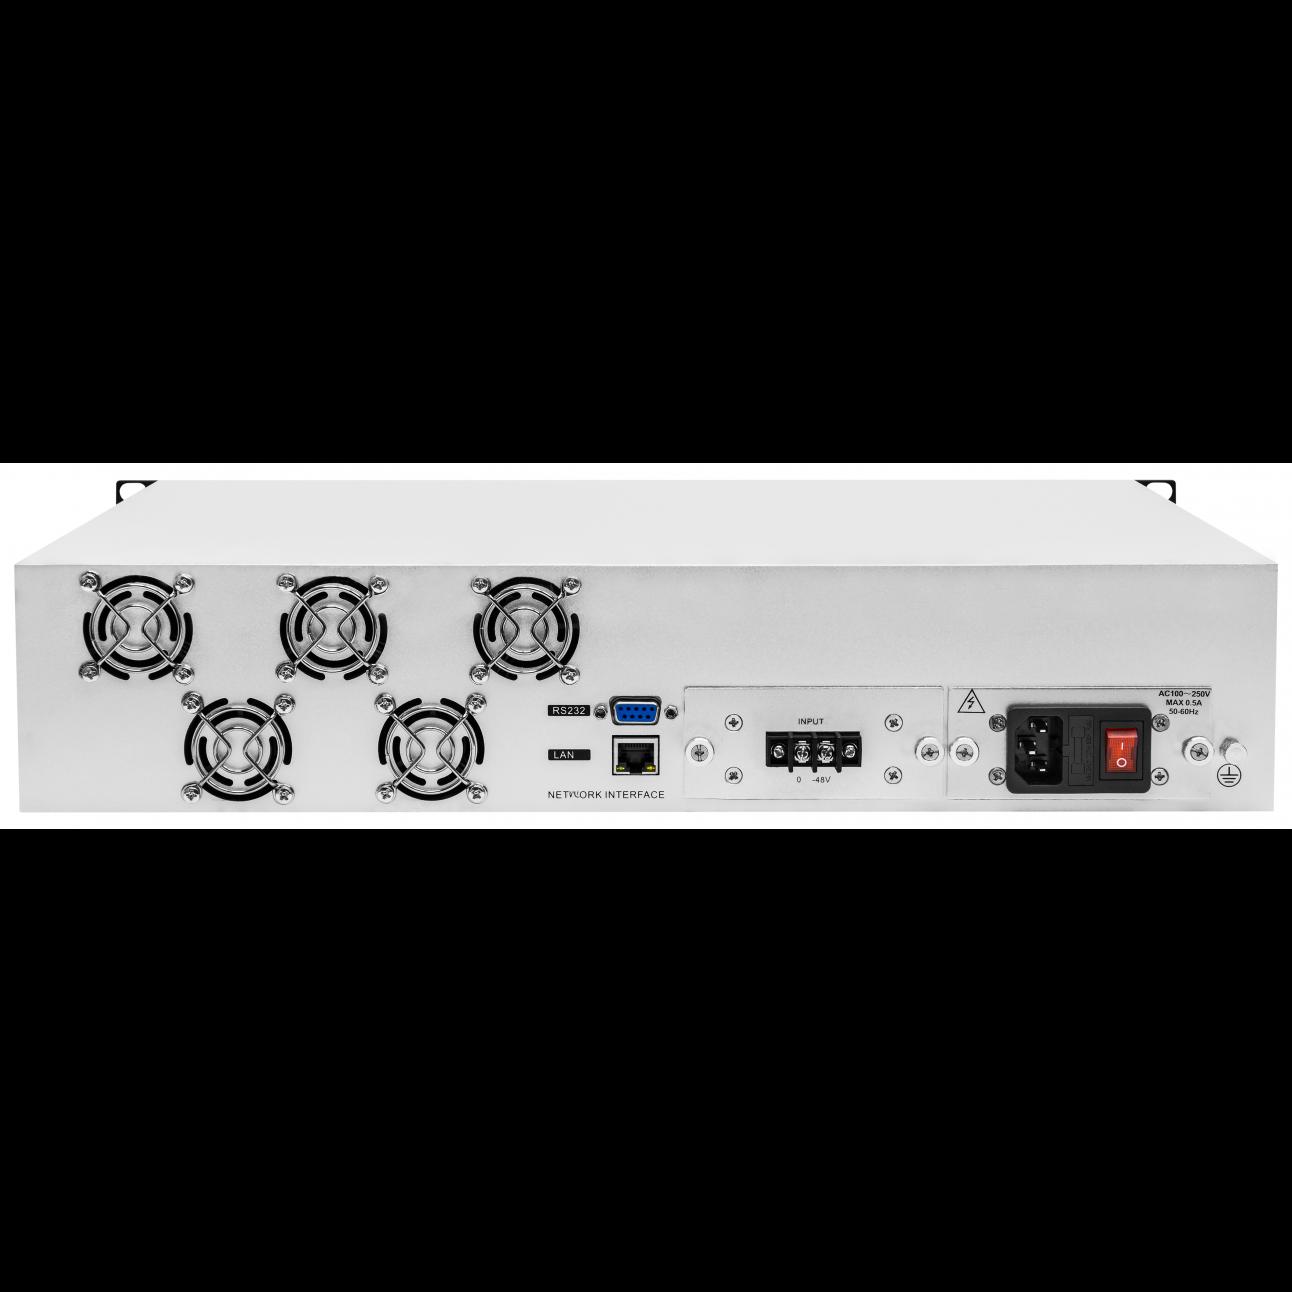 Оптический усилитель VERMAX для сетей КТВ, 2 входа, 16*18dBm выхода, WDM фильтр PON